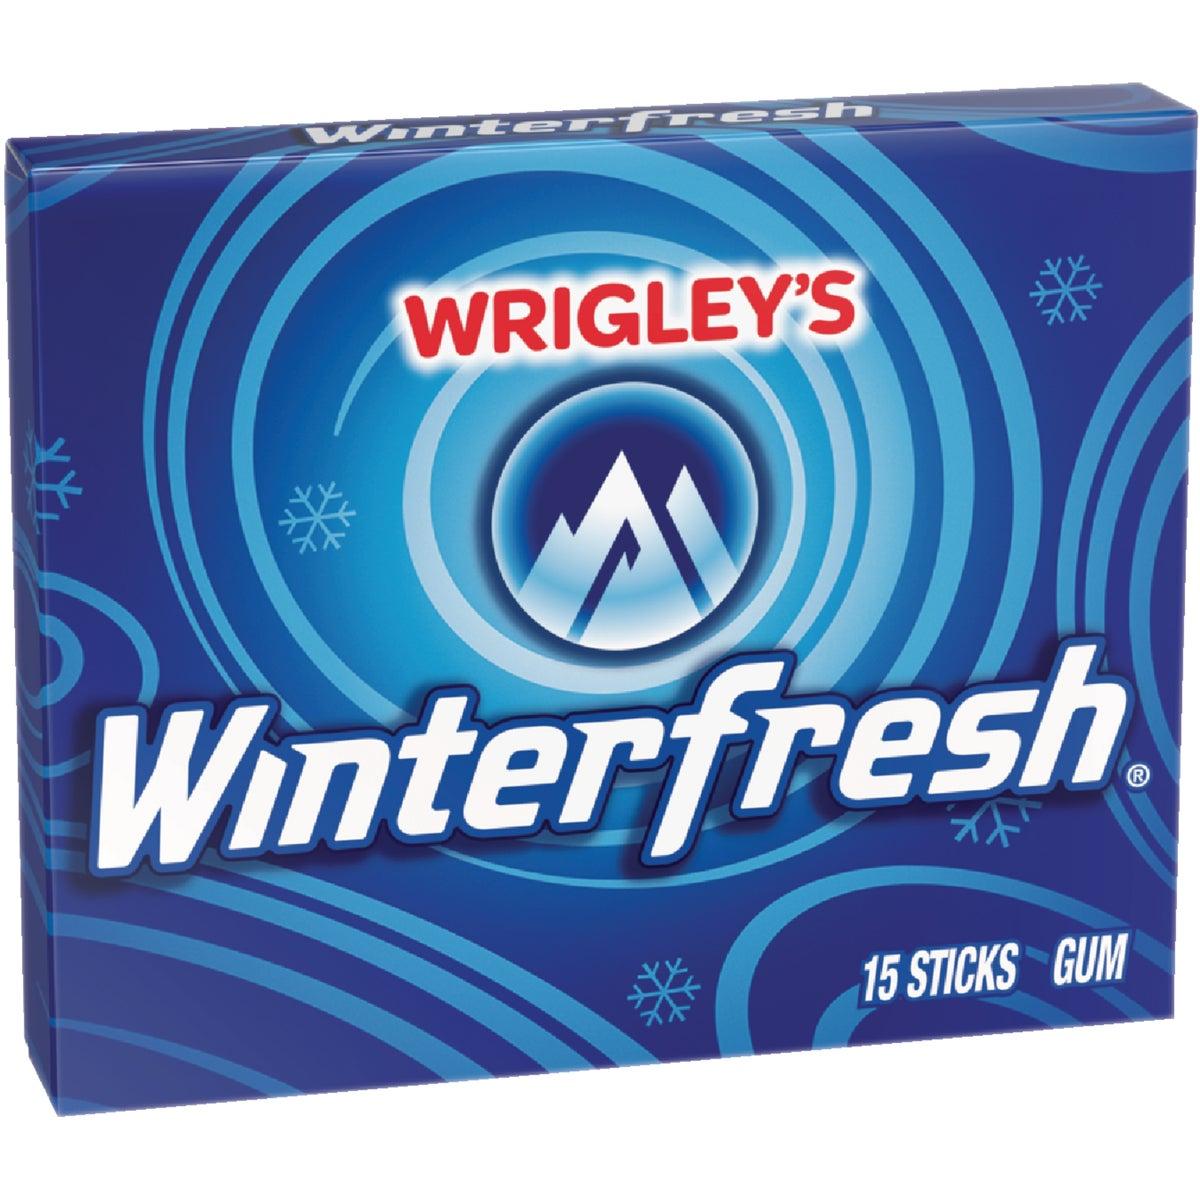 WINTERFRESH GUM